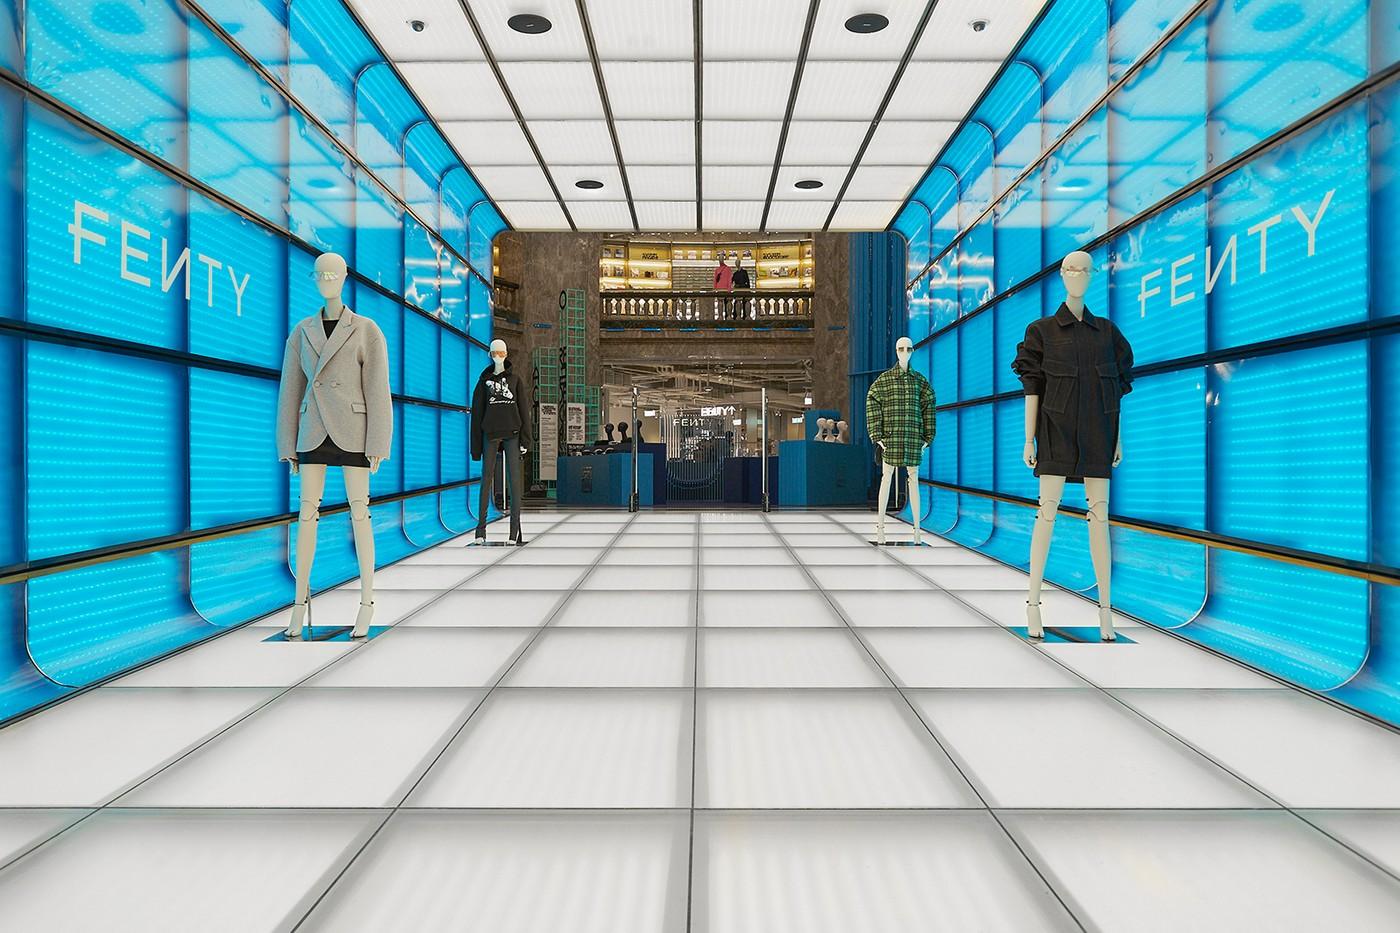 Galeries Lafayette Champs-Élysées FENTY